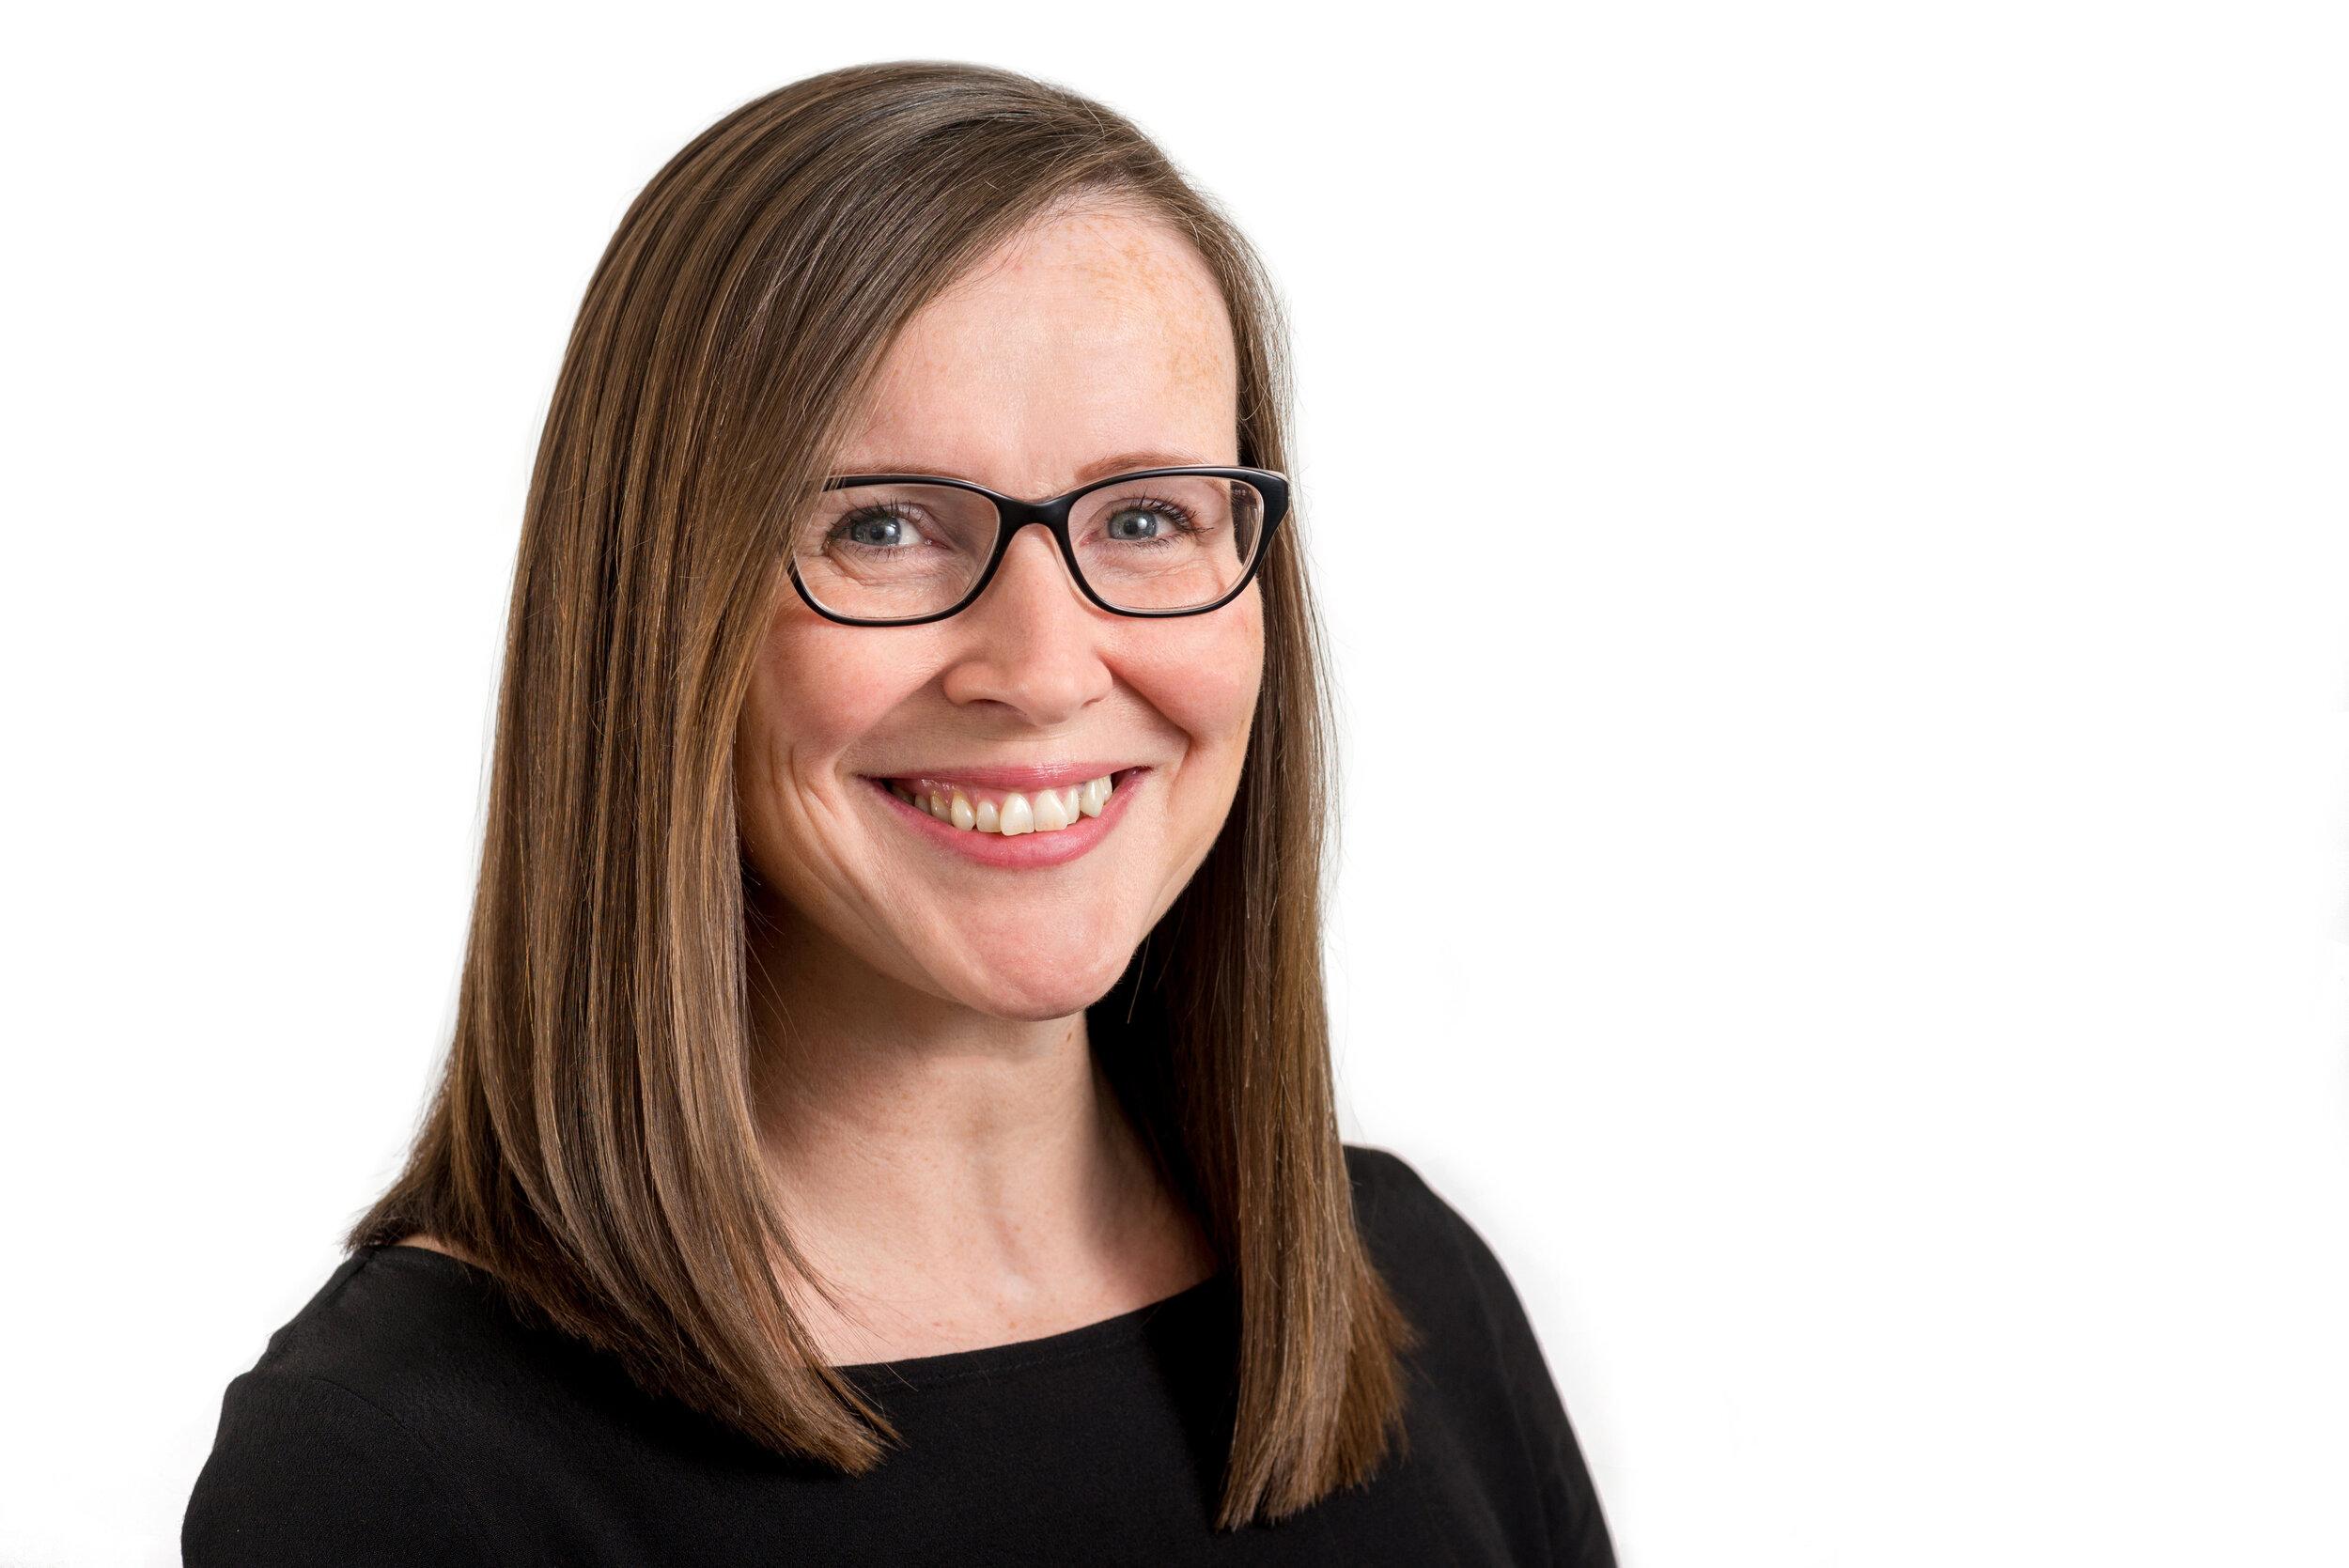 Brunette Businesswoman Headshot Photo Wearing dark top